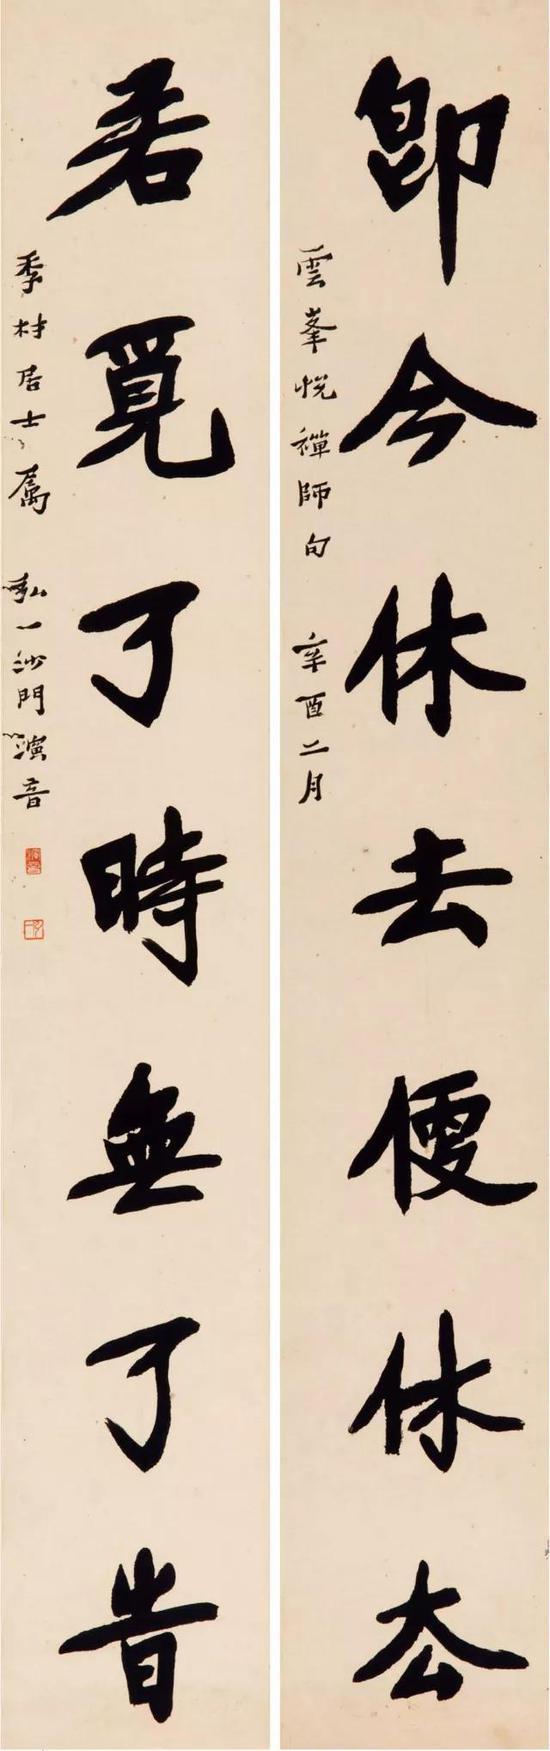 即今若觅七言联(1921)